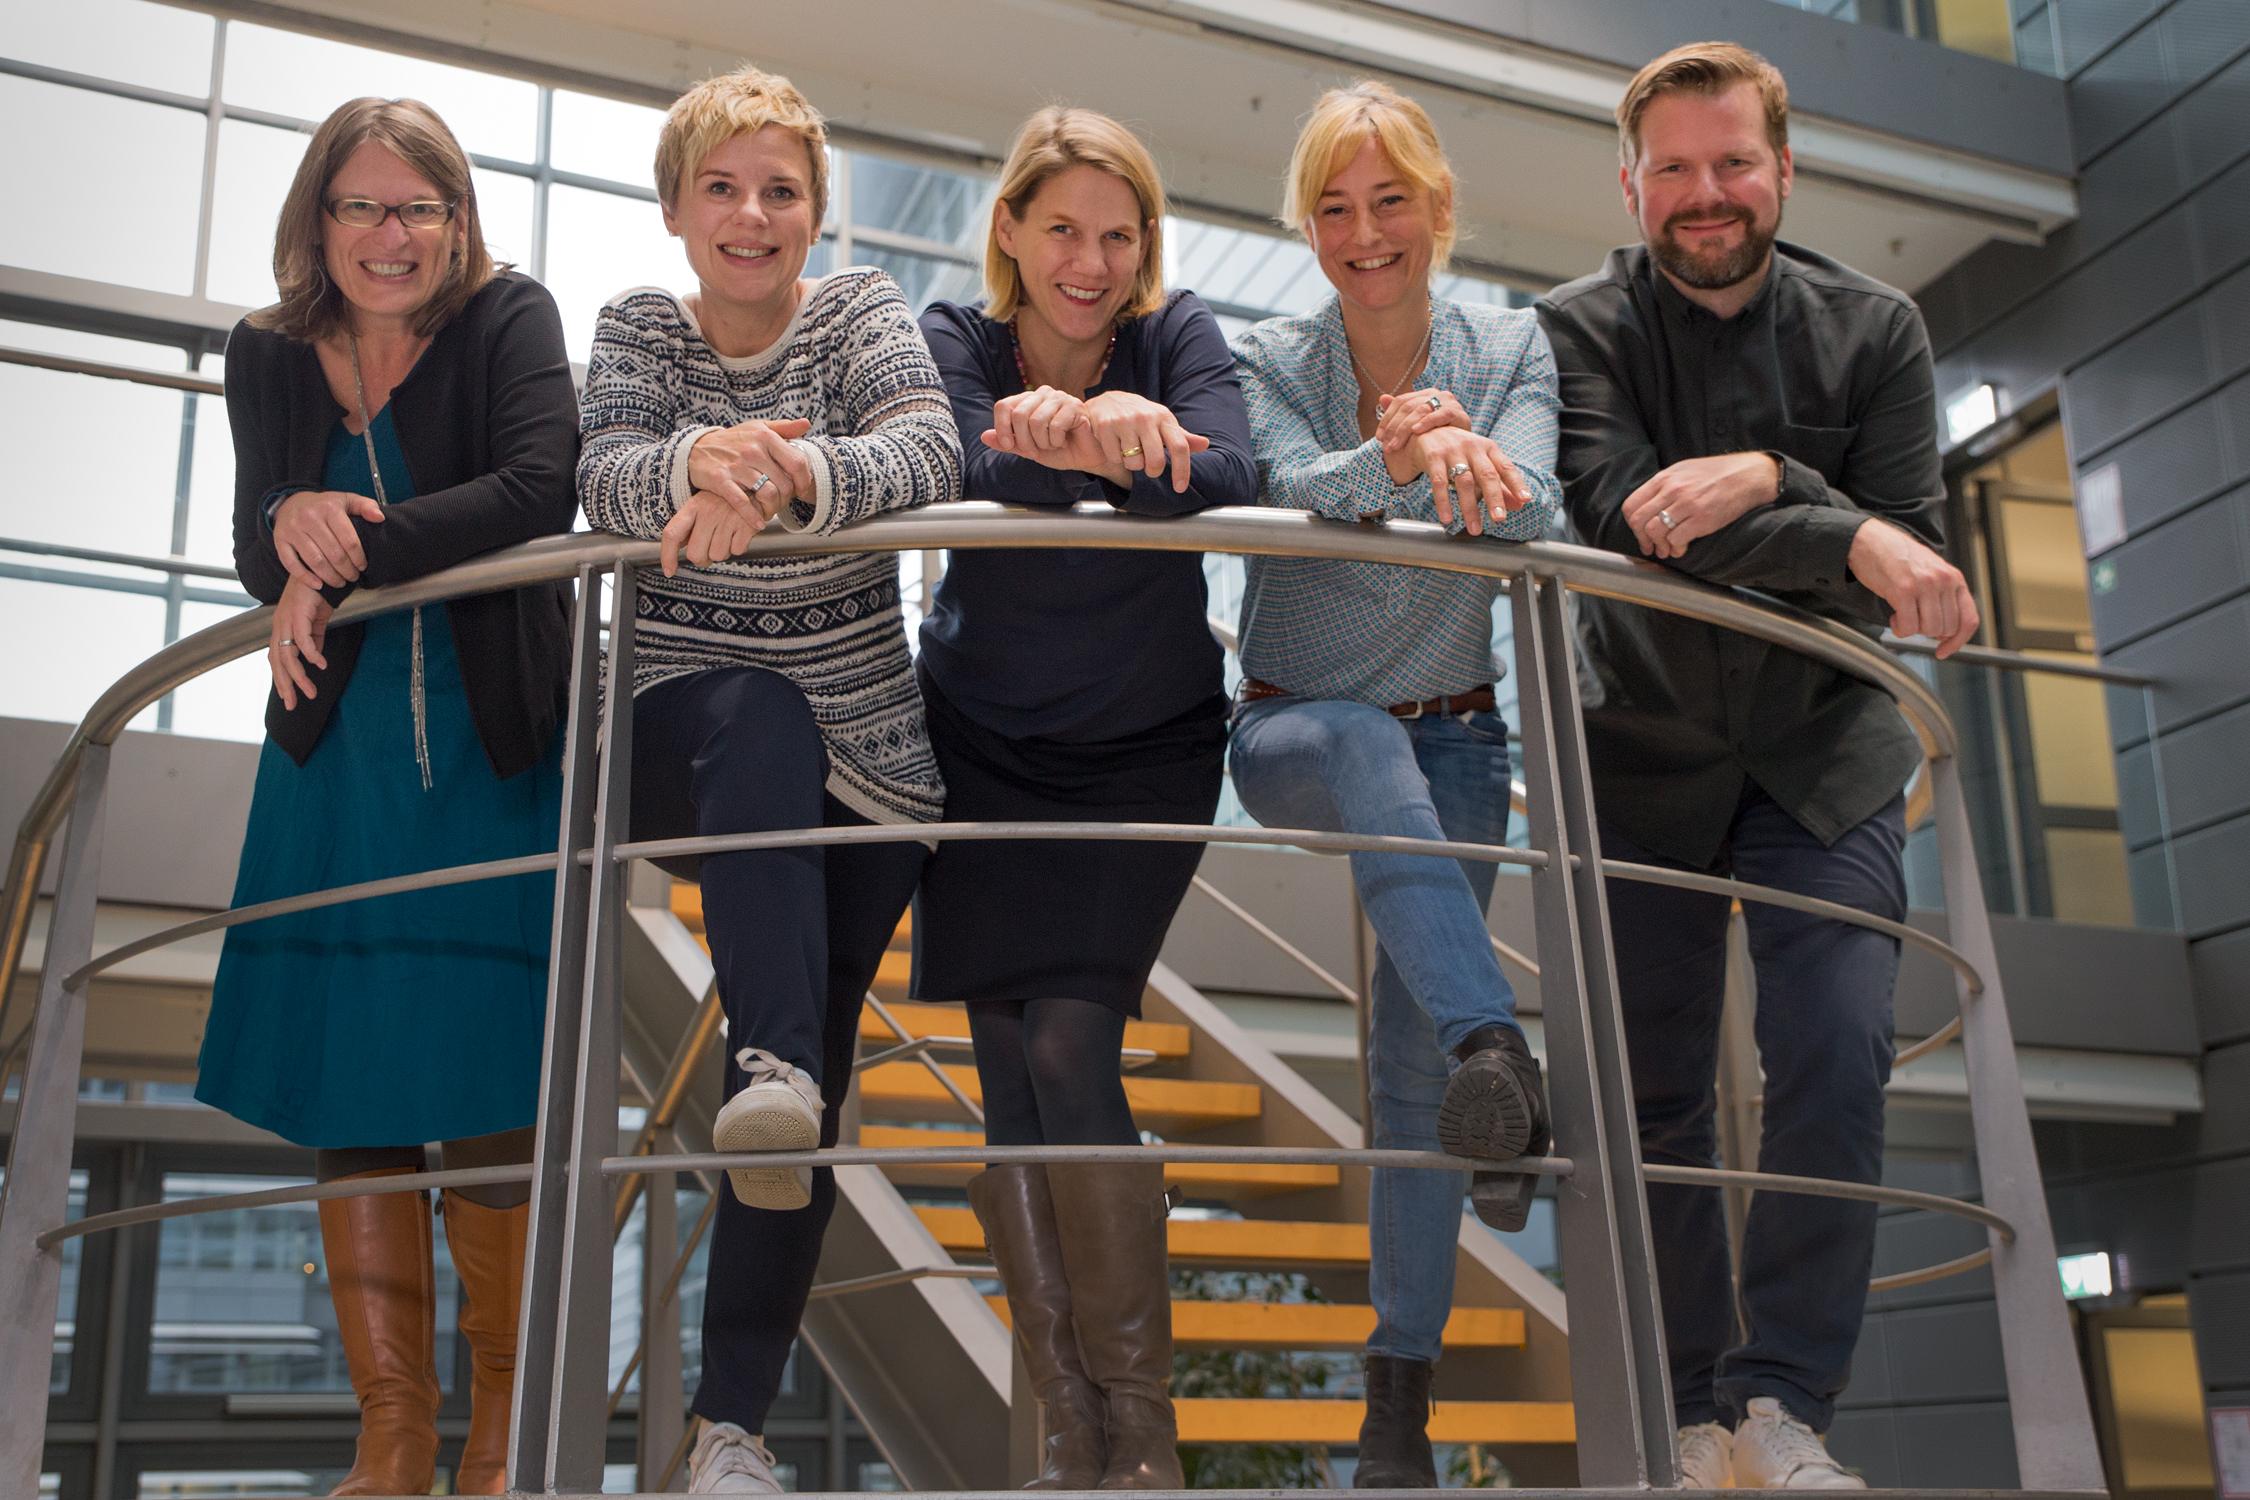 Teamfoto der Jury des Vor Ort NRW-Preises.